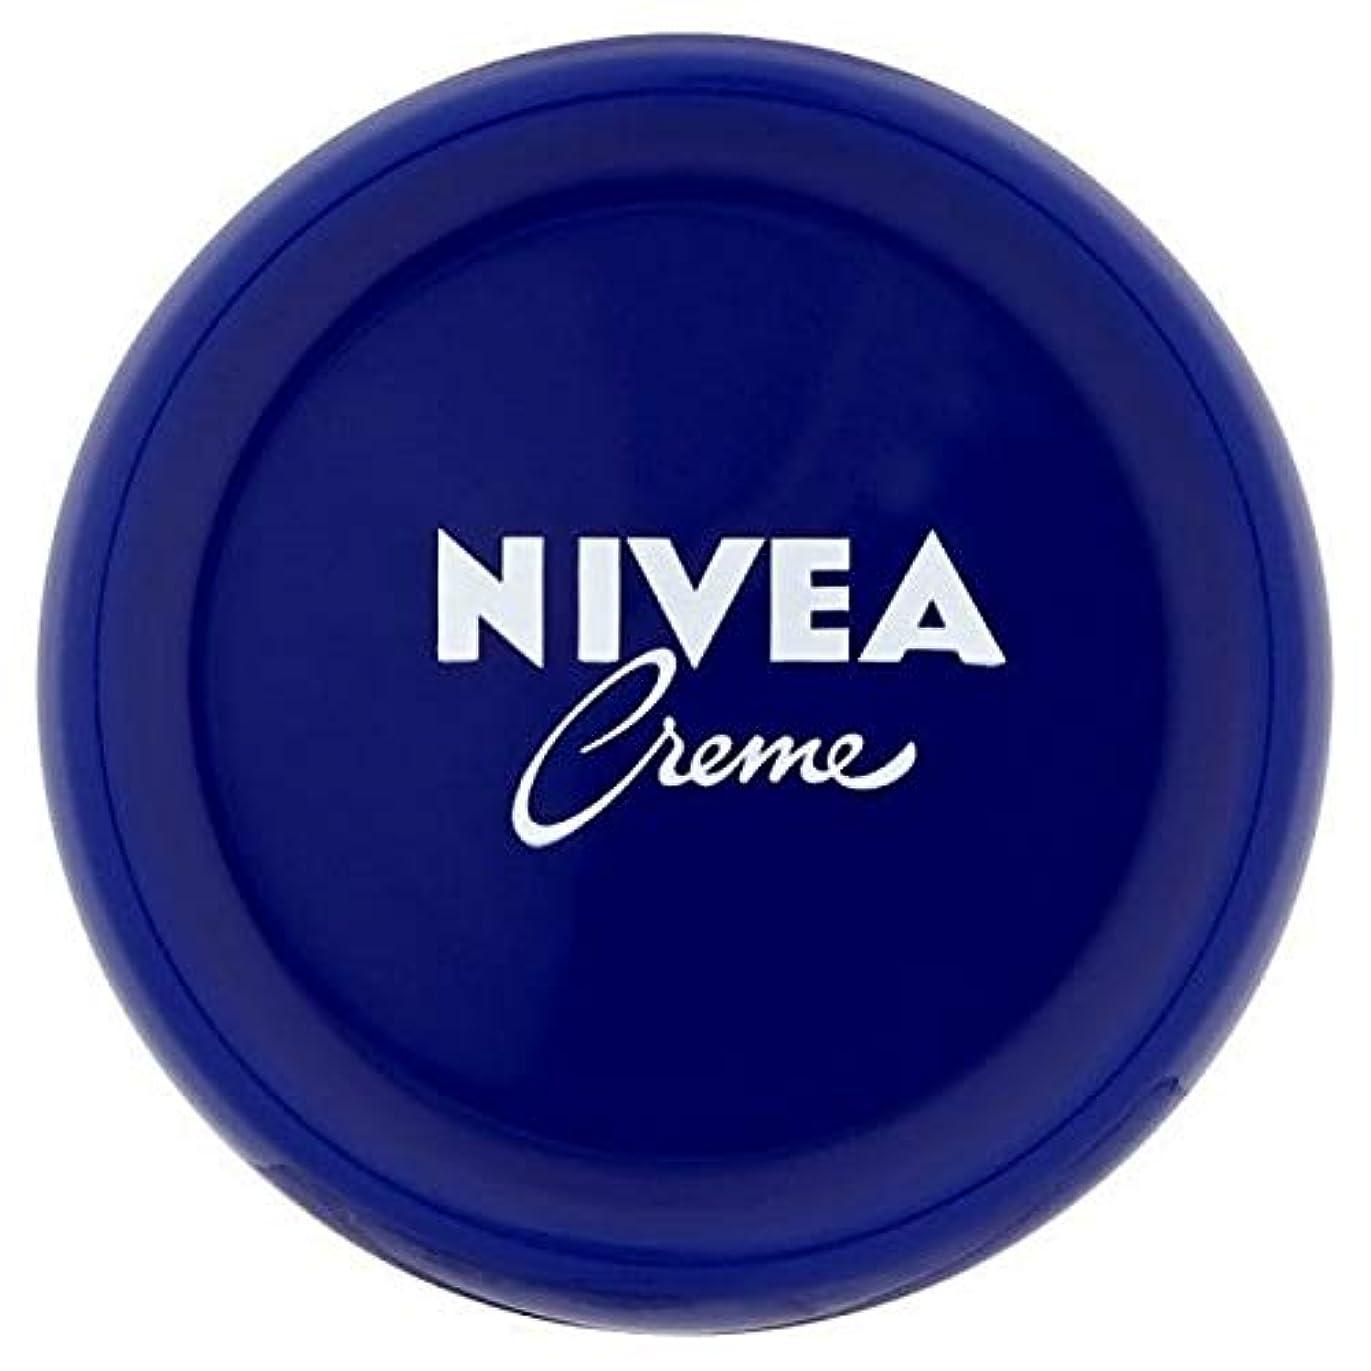 レモン教えて肉[Nivea ] ニベアクリーム万能ボディクリーム、50ミリリットル - NIVEA Creme All Purpose Body Cream, 50ml [並行輸入品]